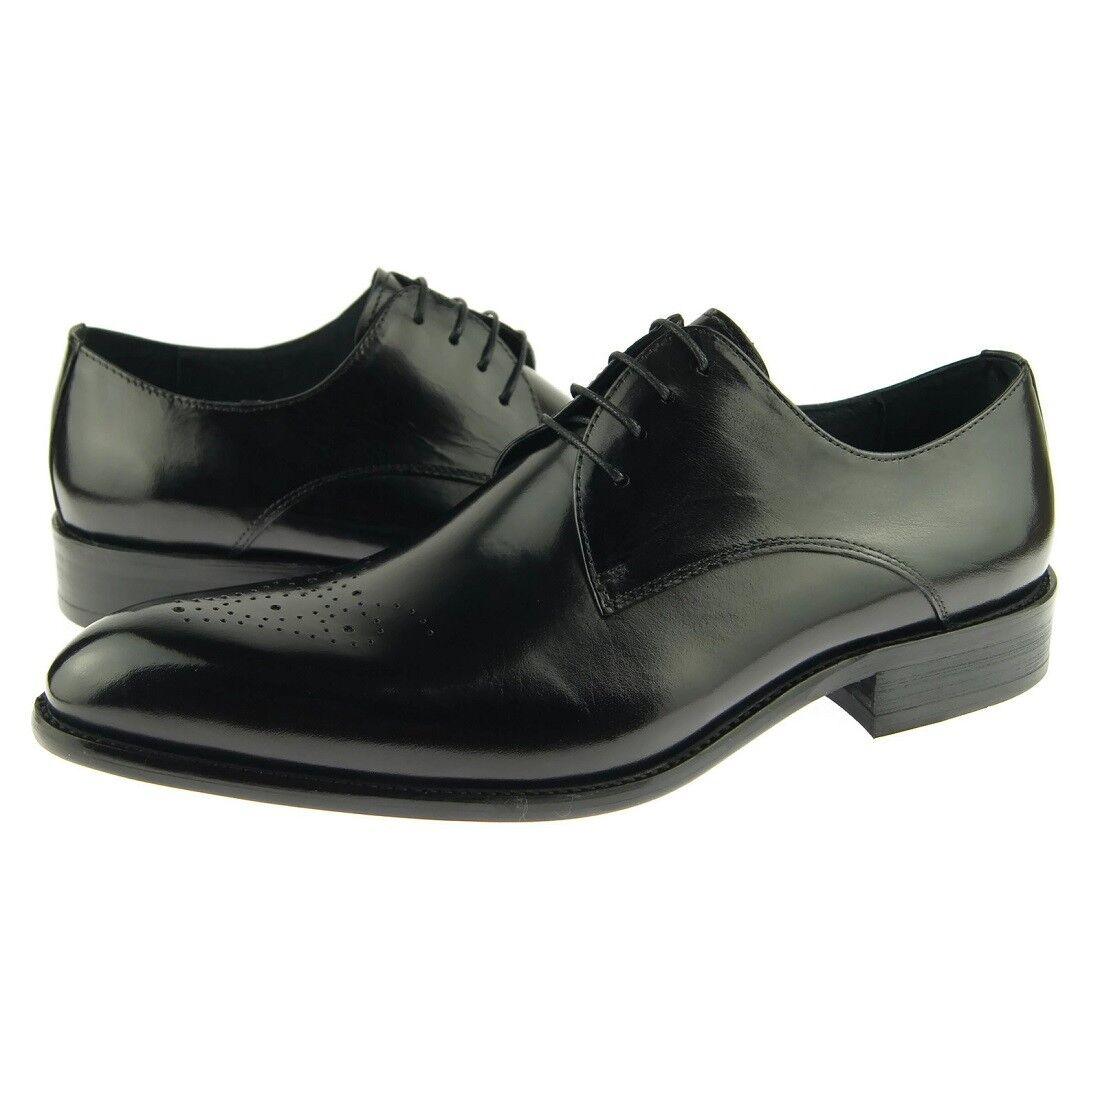 Carrucci Plain Medallion Derby, Men's Dress Leather Oxford shoes, Black